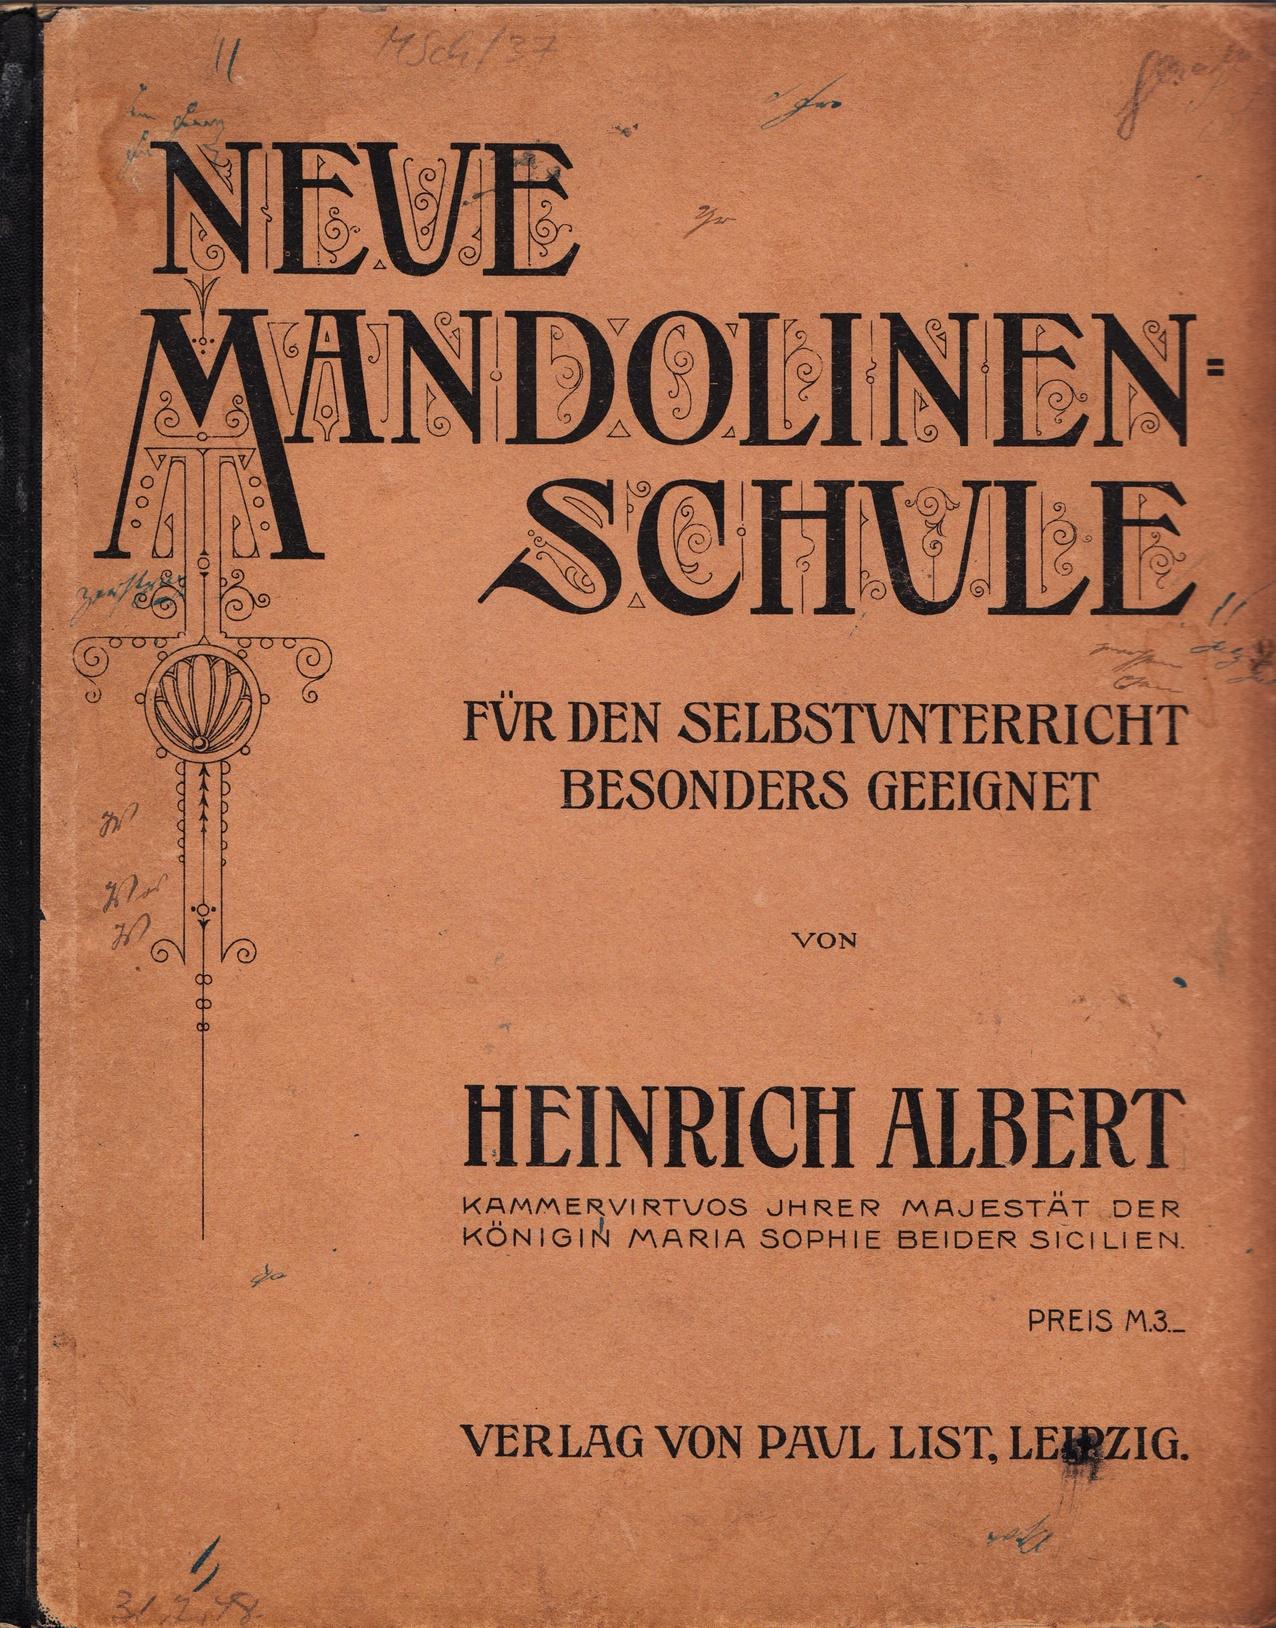 Neue Mandolinenschule Heinrich Albert